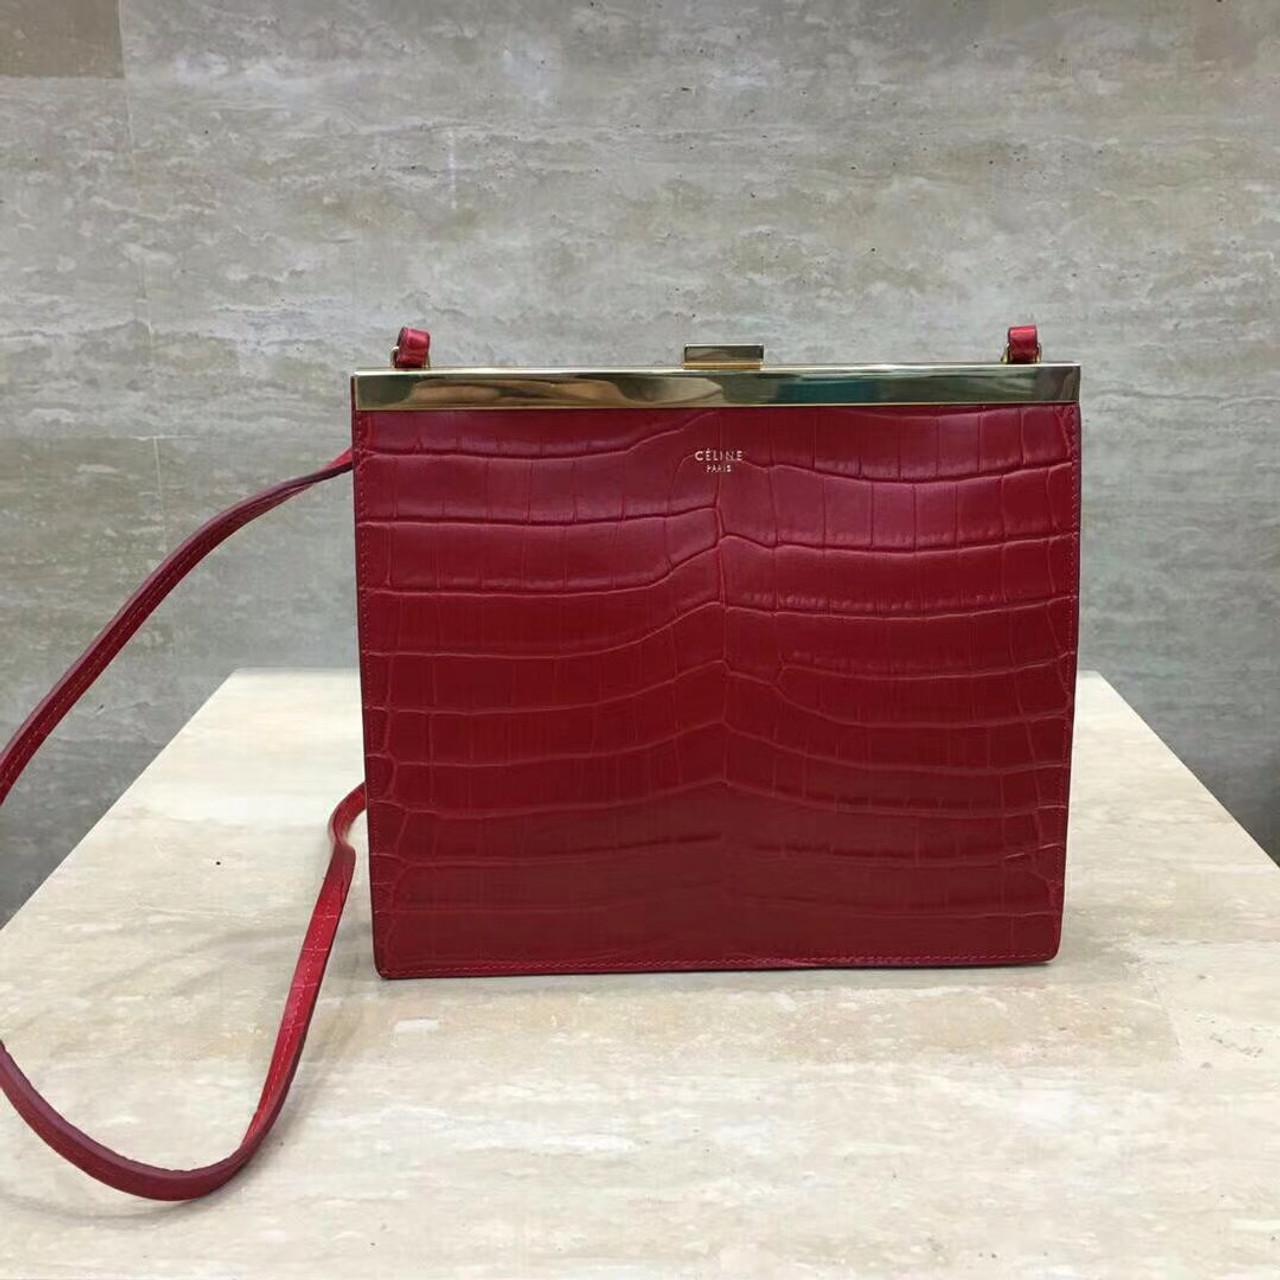 93cc3257b4f5 Celine MINI CLASP BAG IN CROCODILE RED - Bella Vita Moda